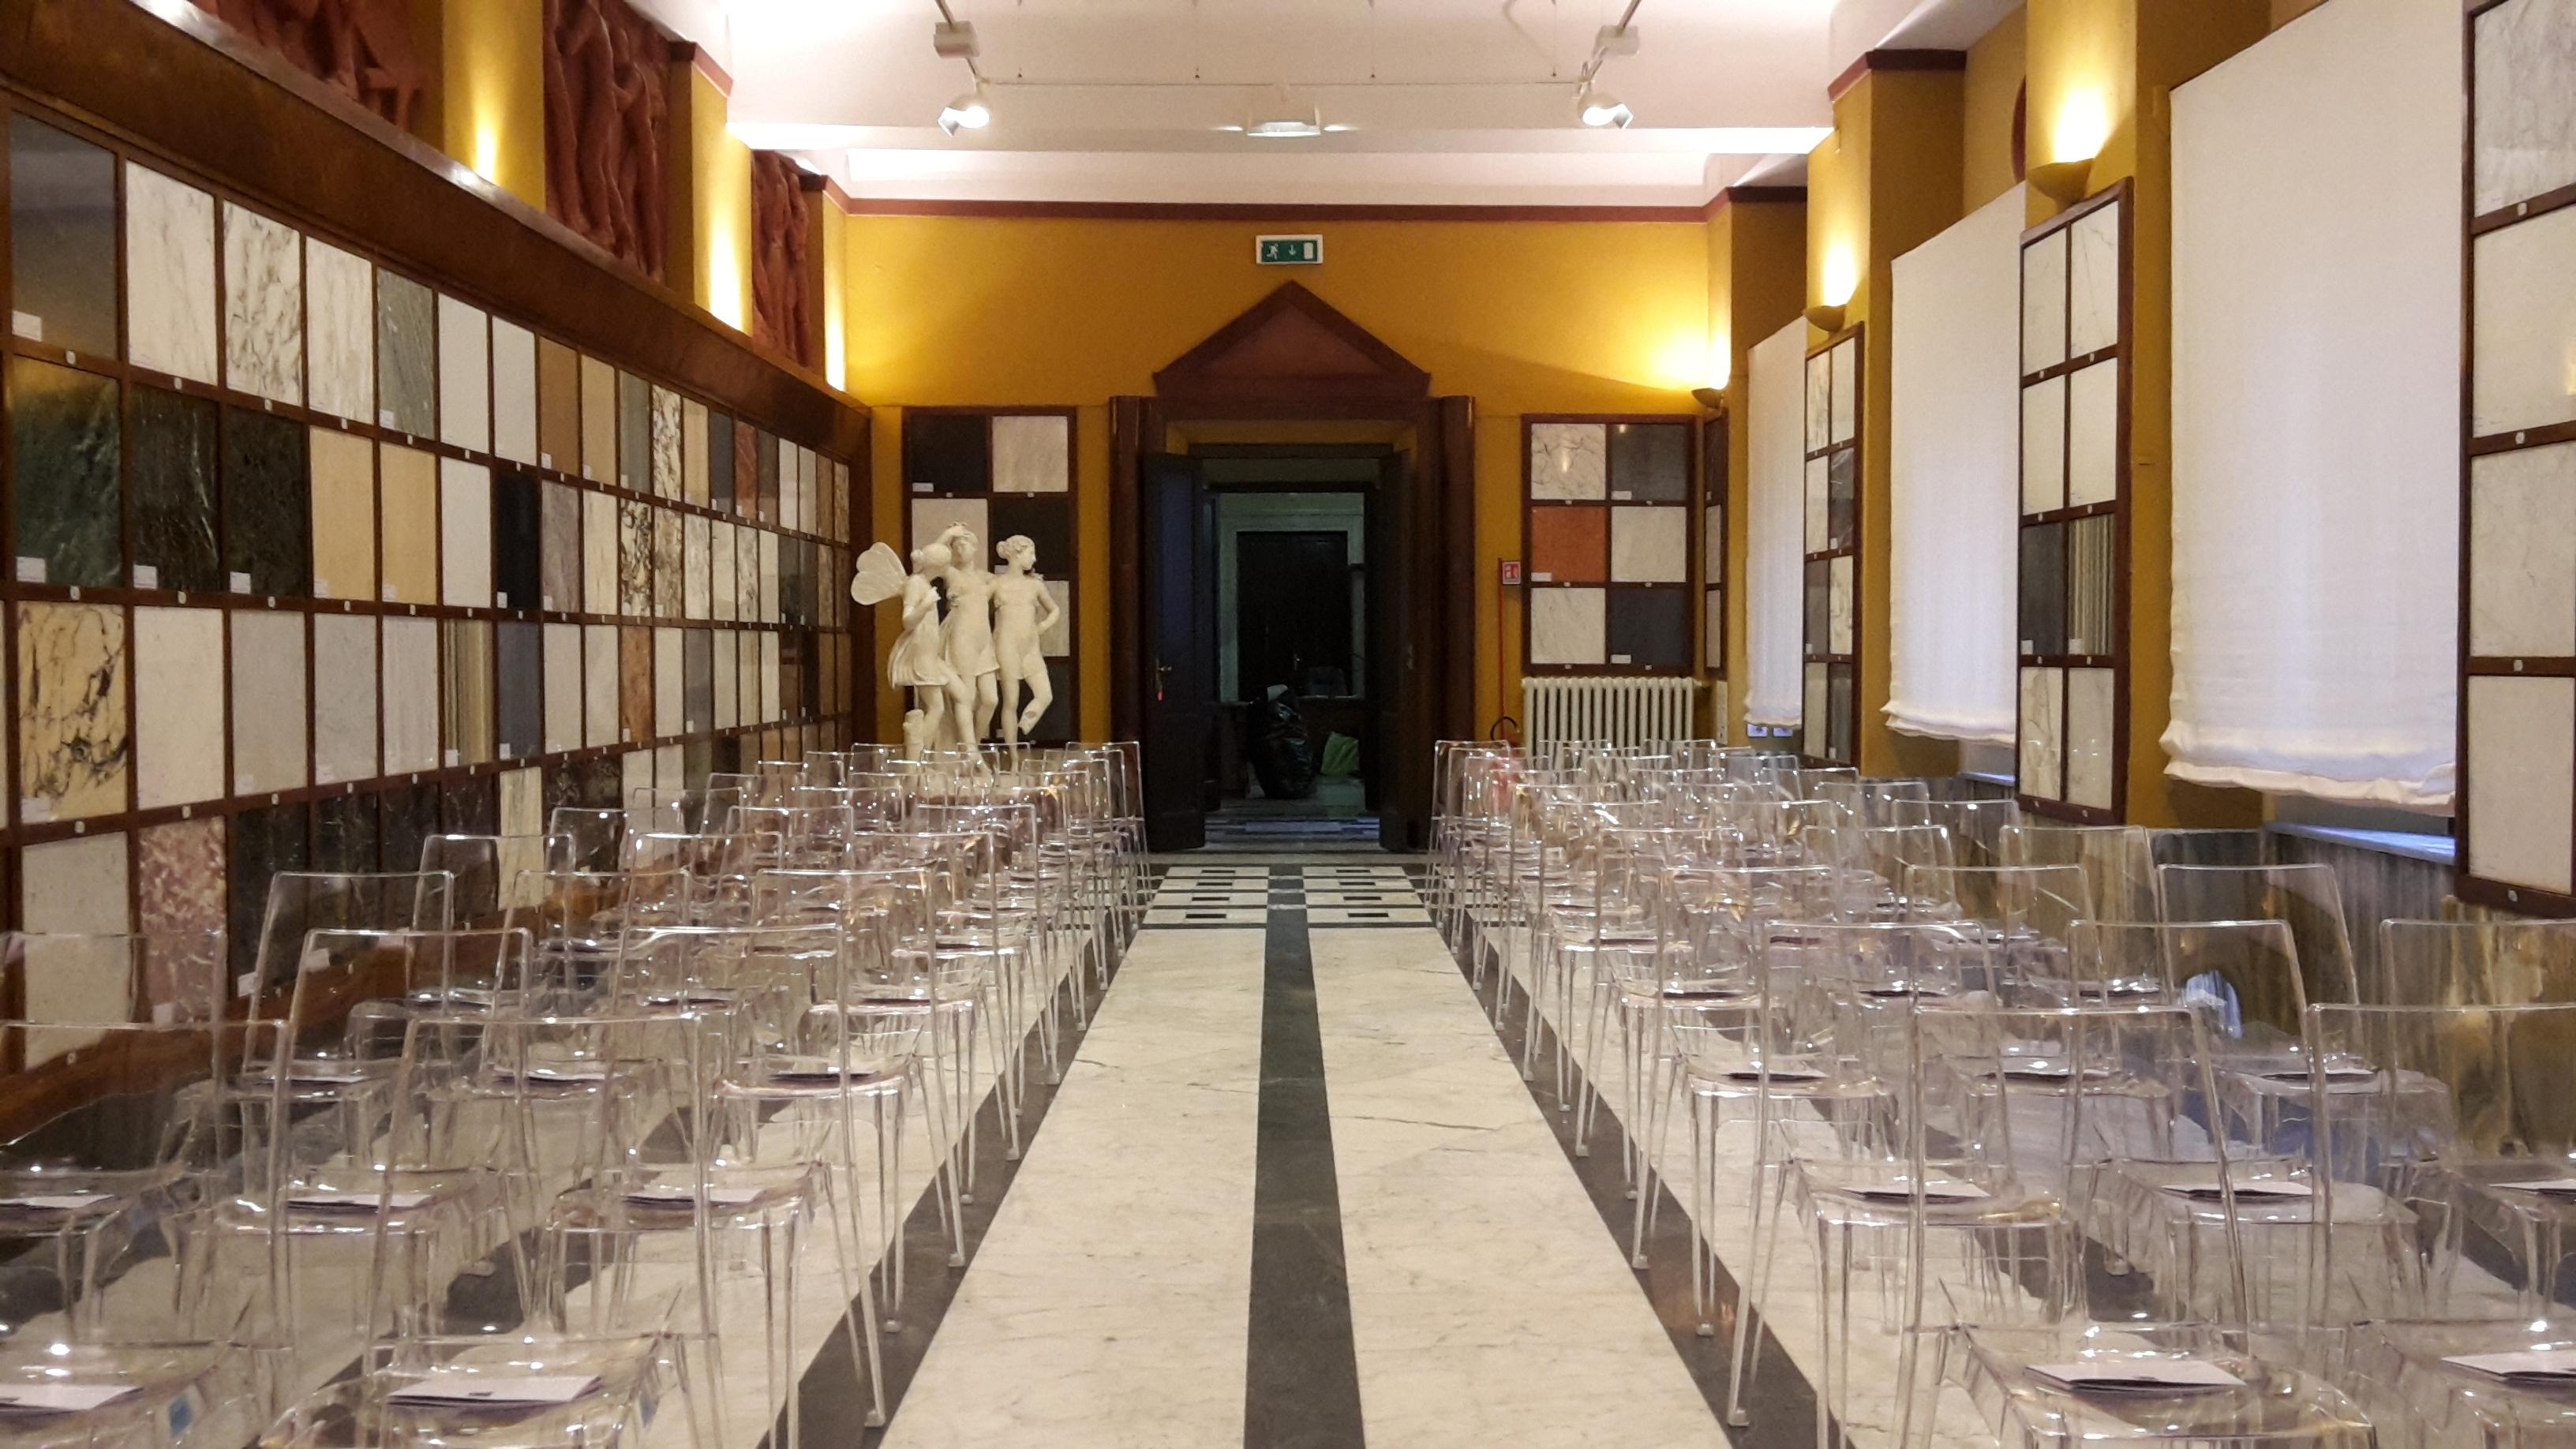 Progetto Art Bonus dell'anno: vince l'edizione 2017 del Concorso la Sala del Campionario dei Marmi di Carrara